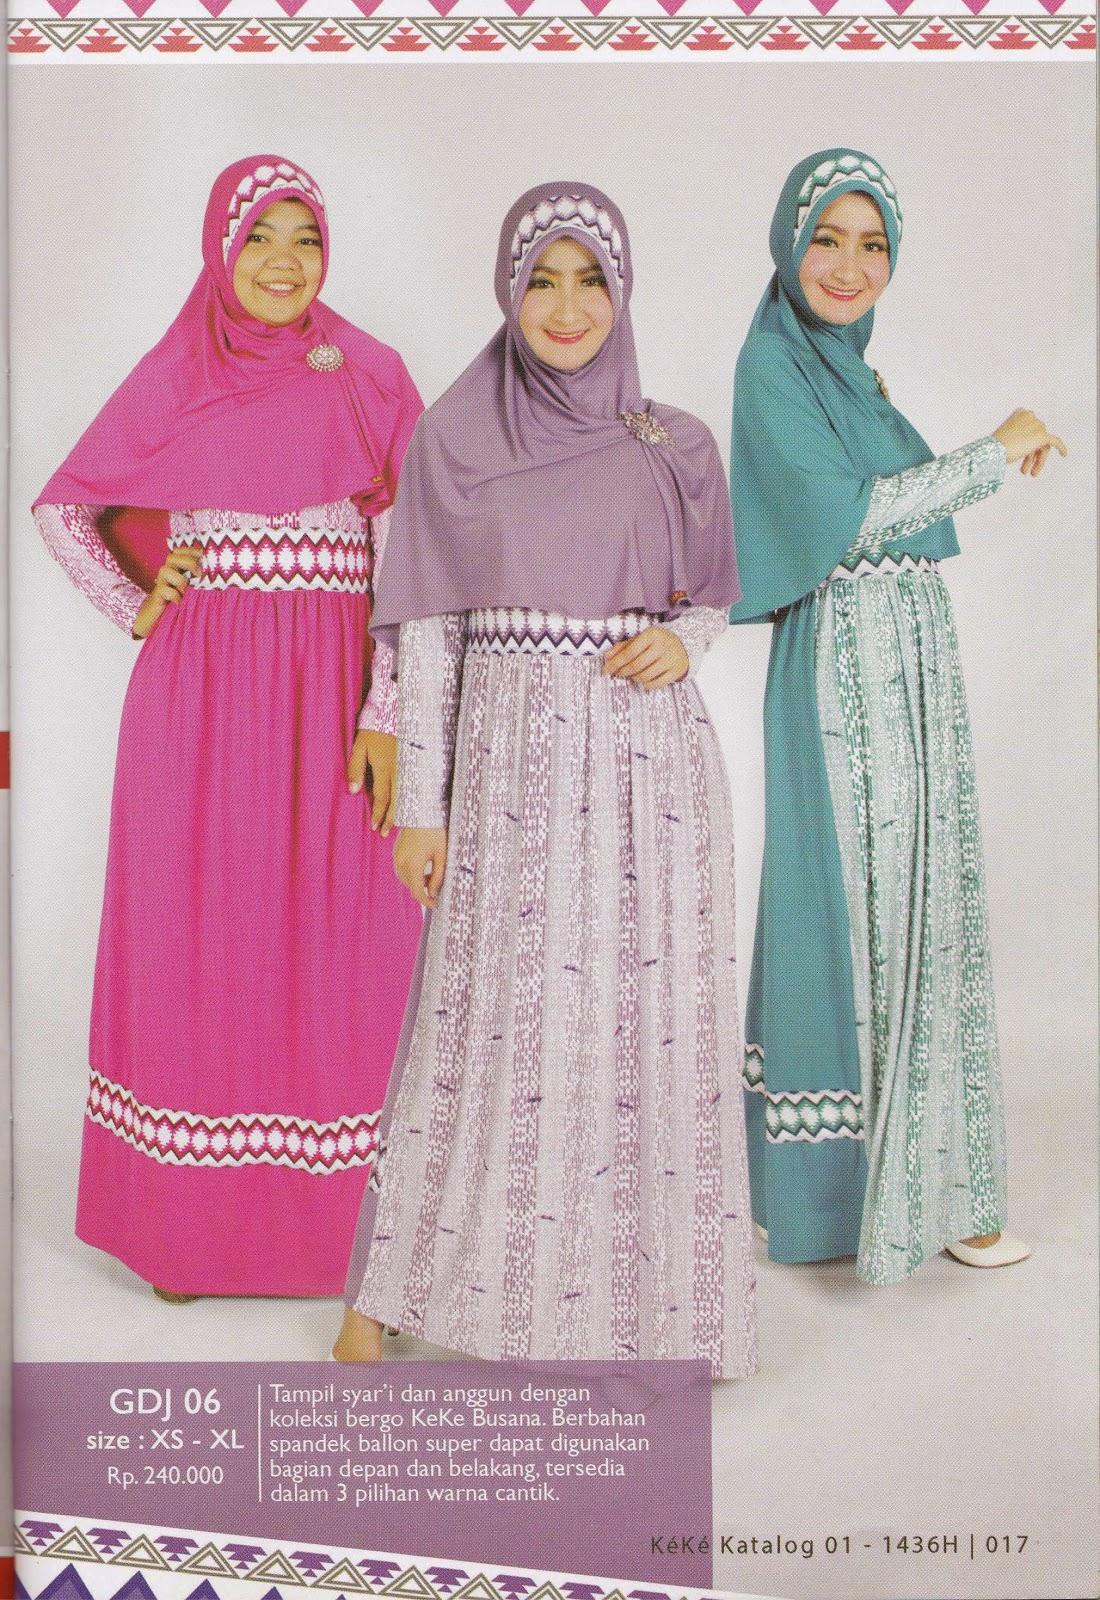 Gdj 06 Gamis Wanita Toko Busana Muslim Keke Collection